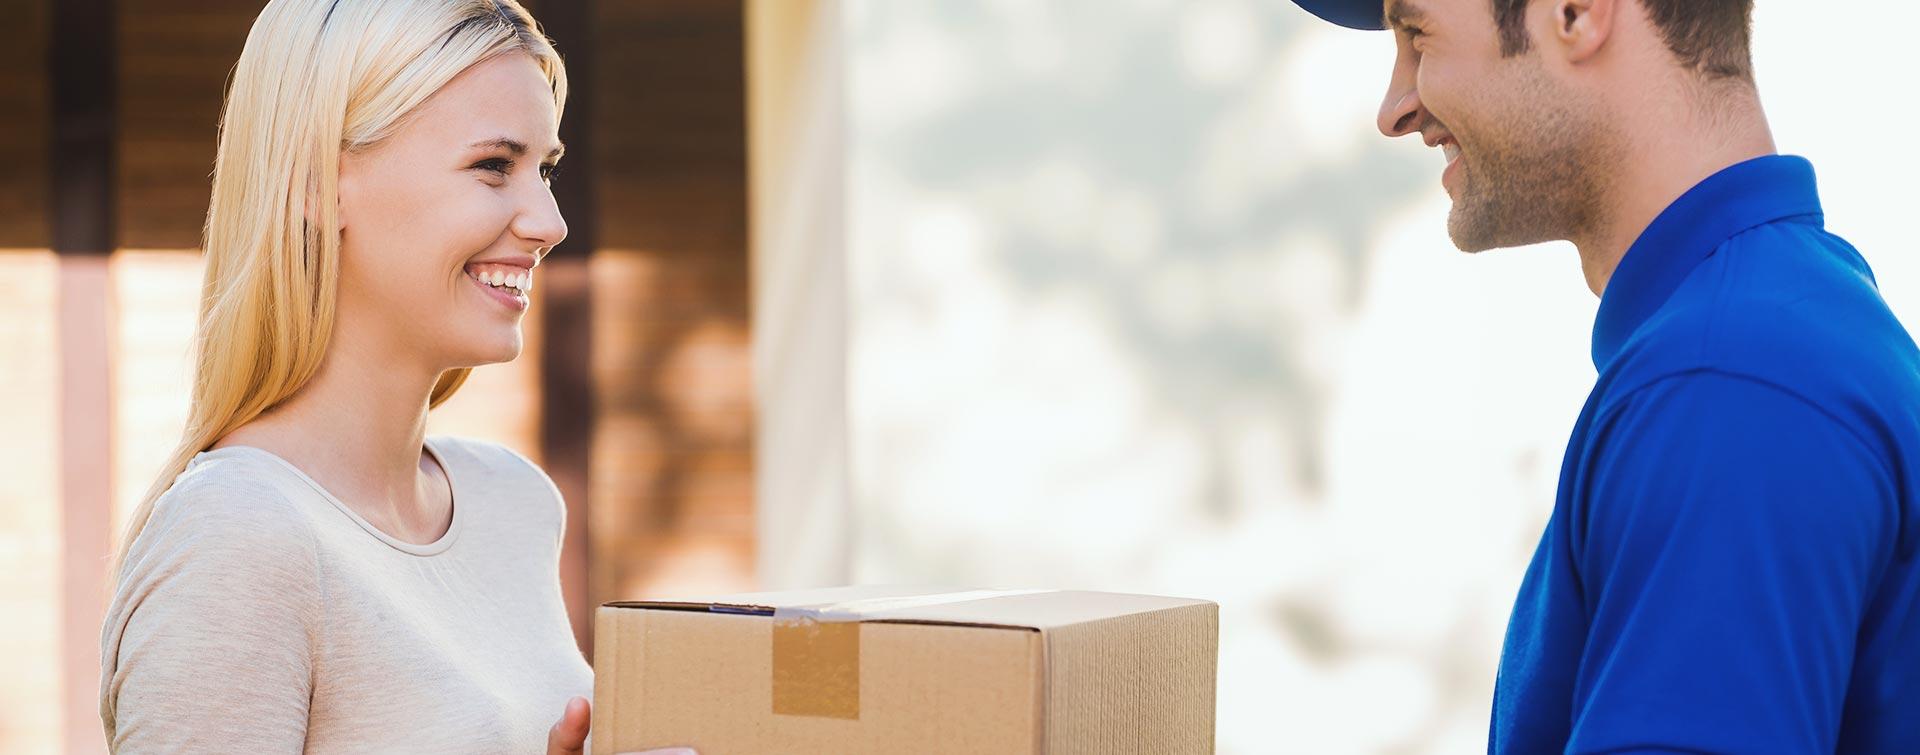 Jak wysłać paczkę w usłudze Paczka w RUCHu?